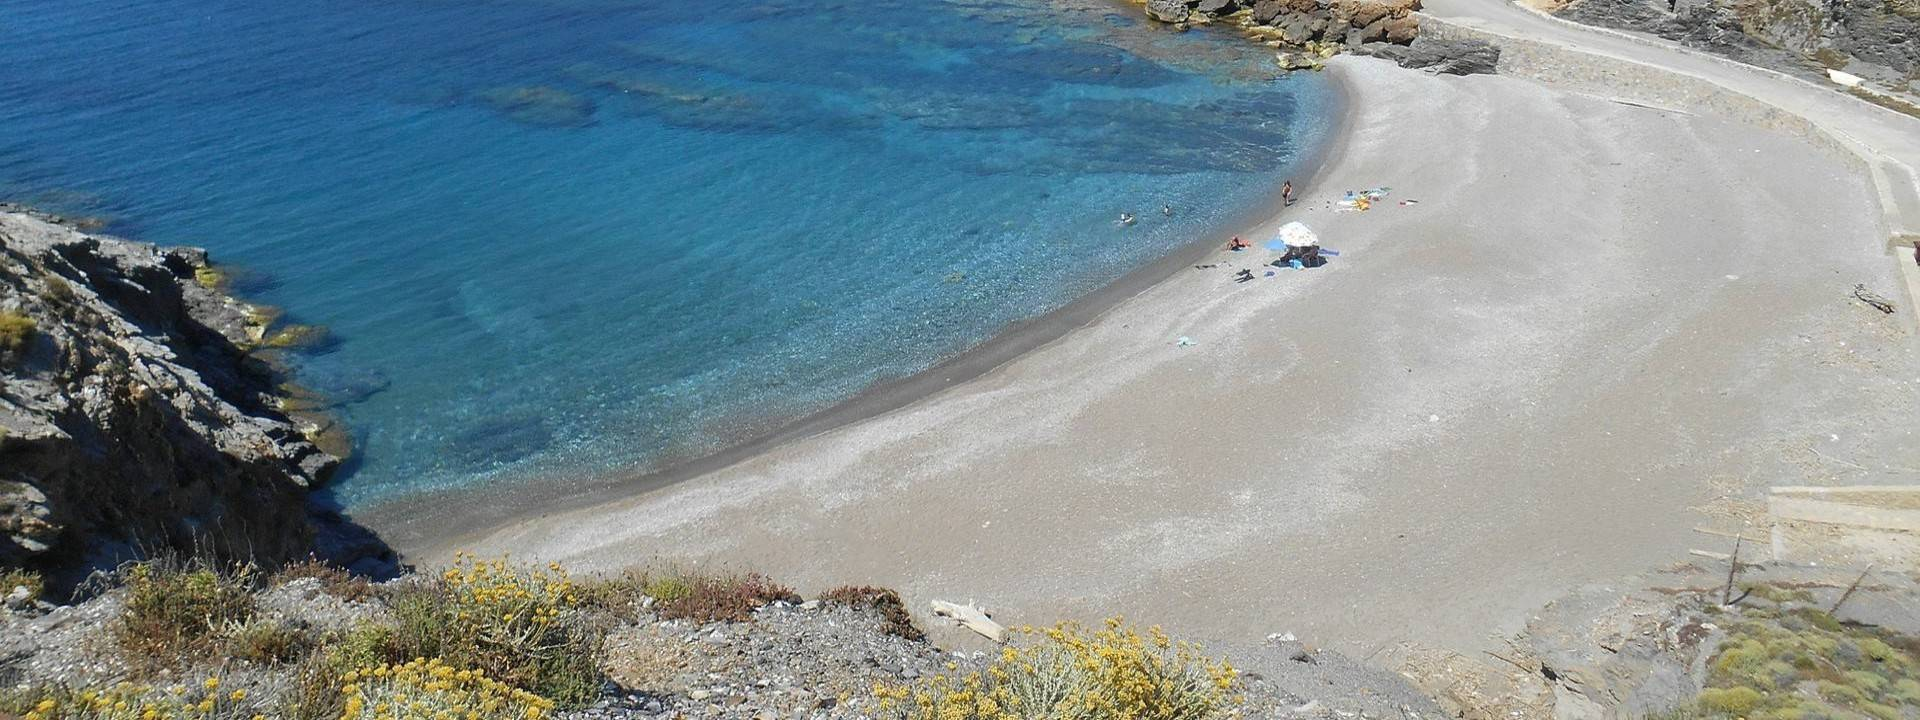 Offerte vacanze italia mare montagna campagna citt for Vacanze nord italia montagna